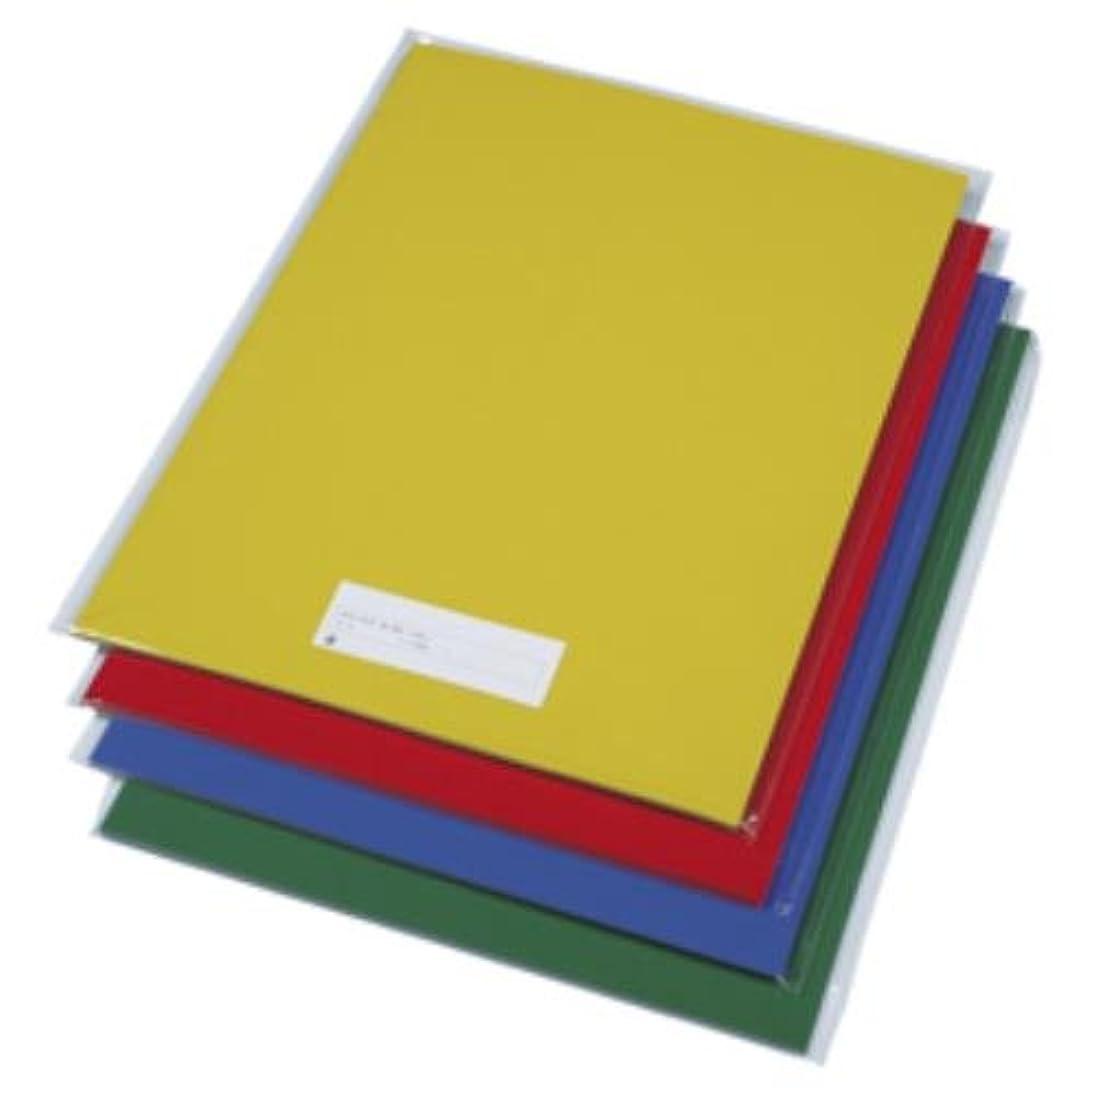 憲法アロングおばあさんカラー工作用紙B3判(10枚)みずいろ 139-176